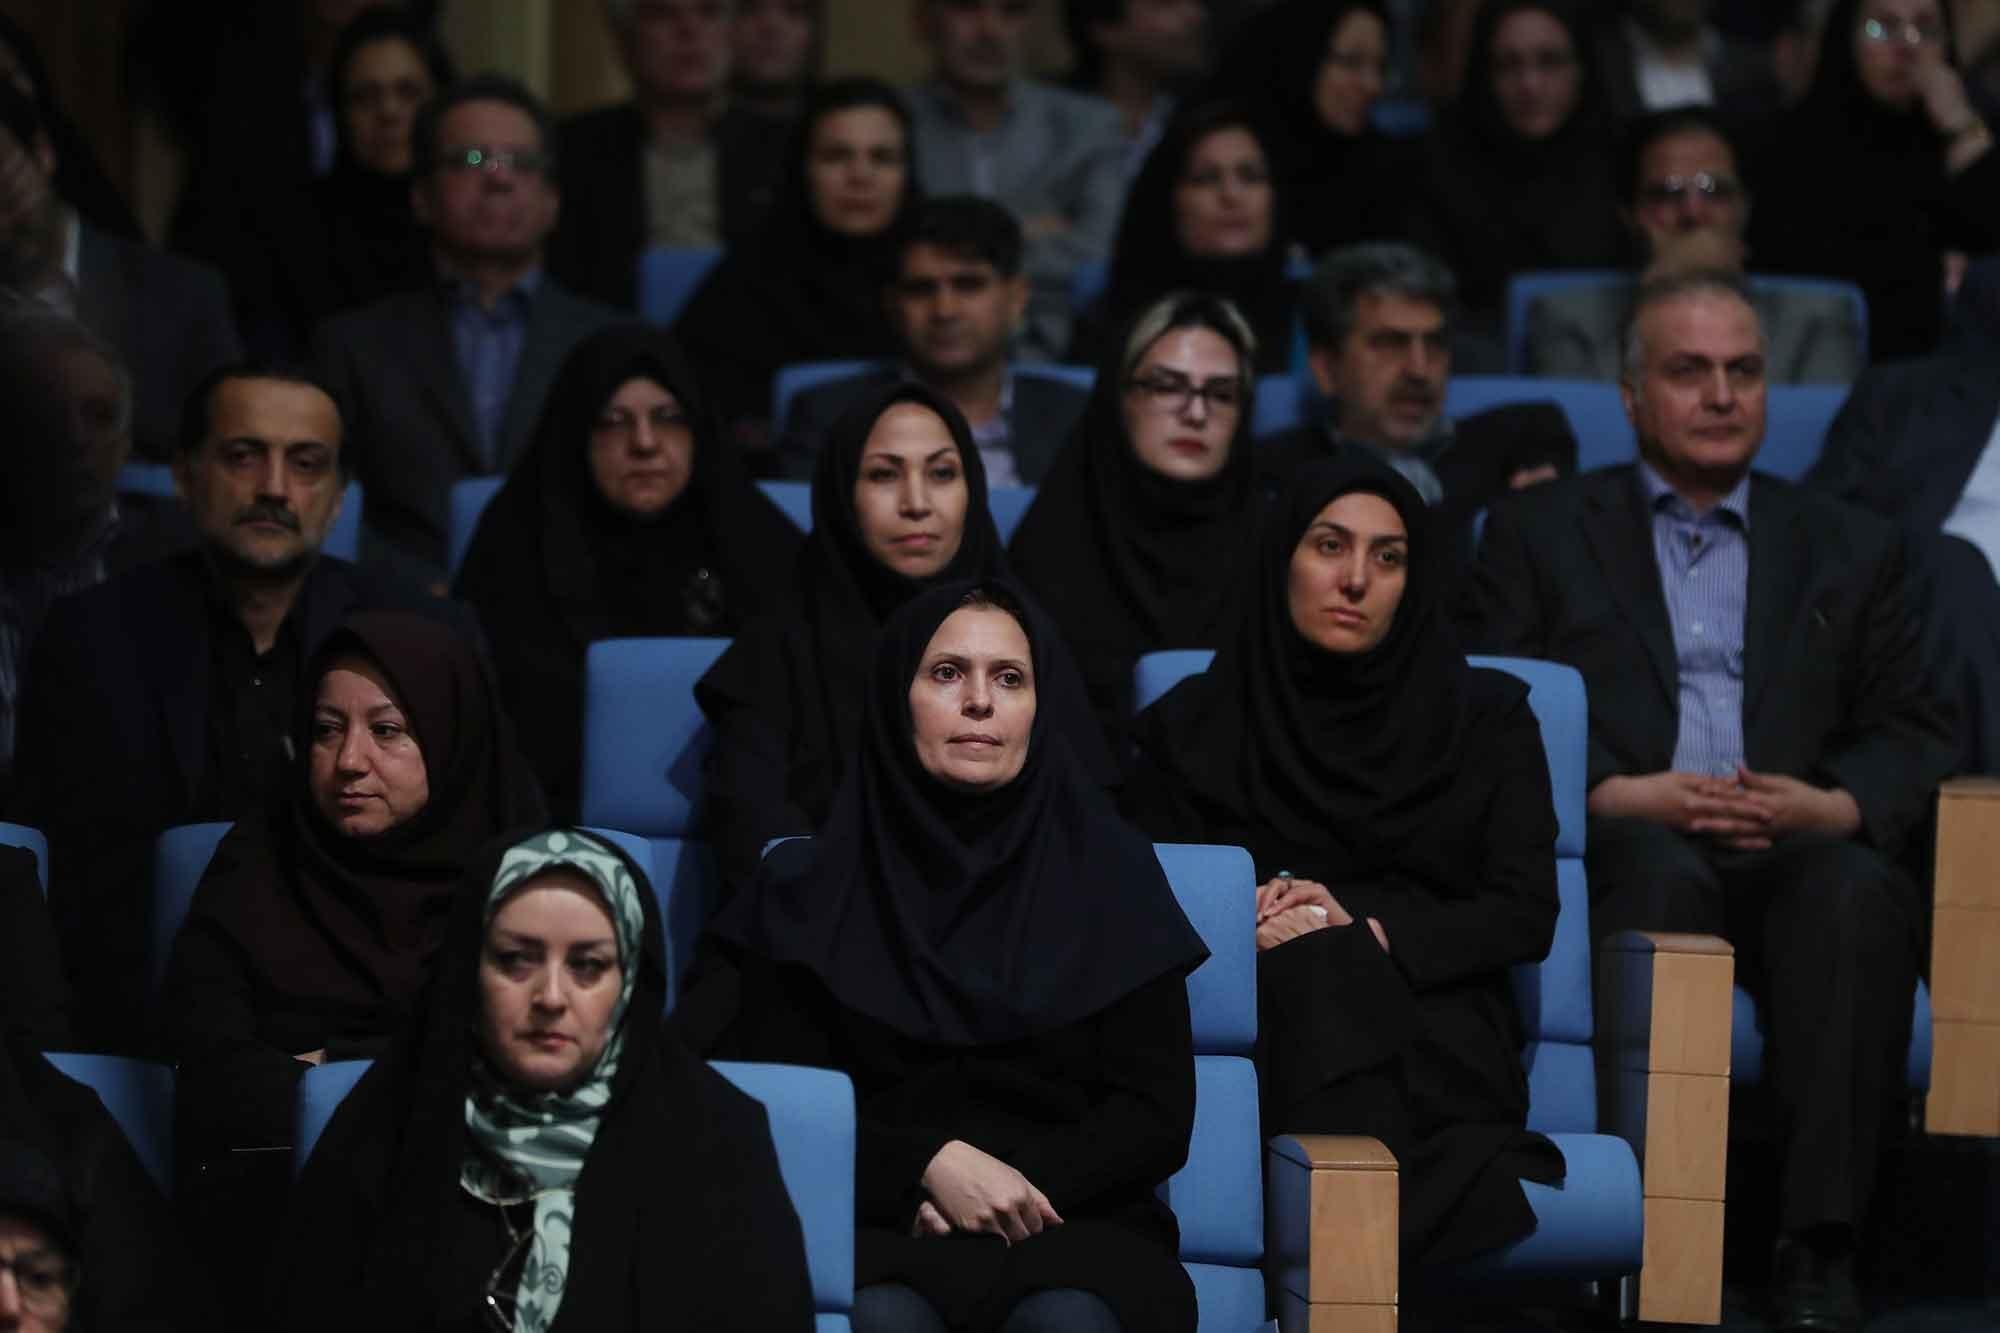 تصاویر |  رئیسجمهور در ضیافت افطار با اساتید و پزشکان